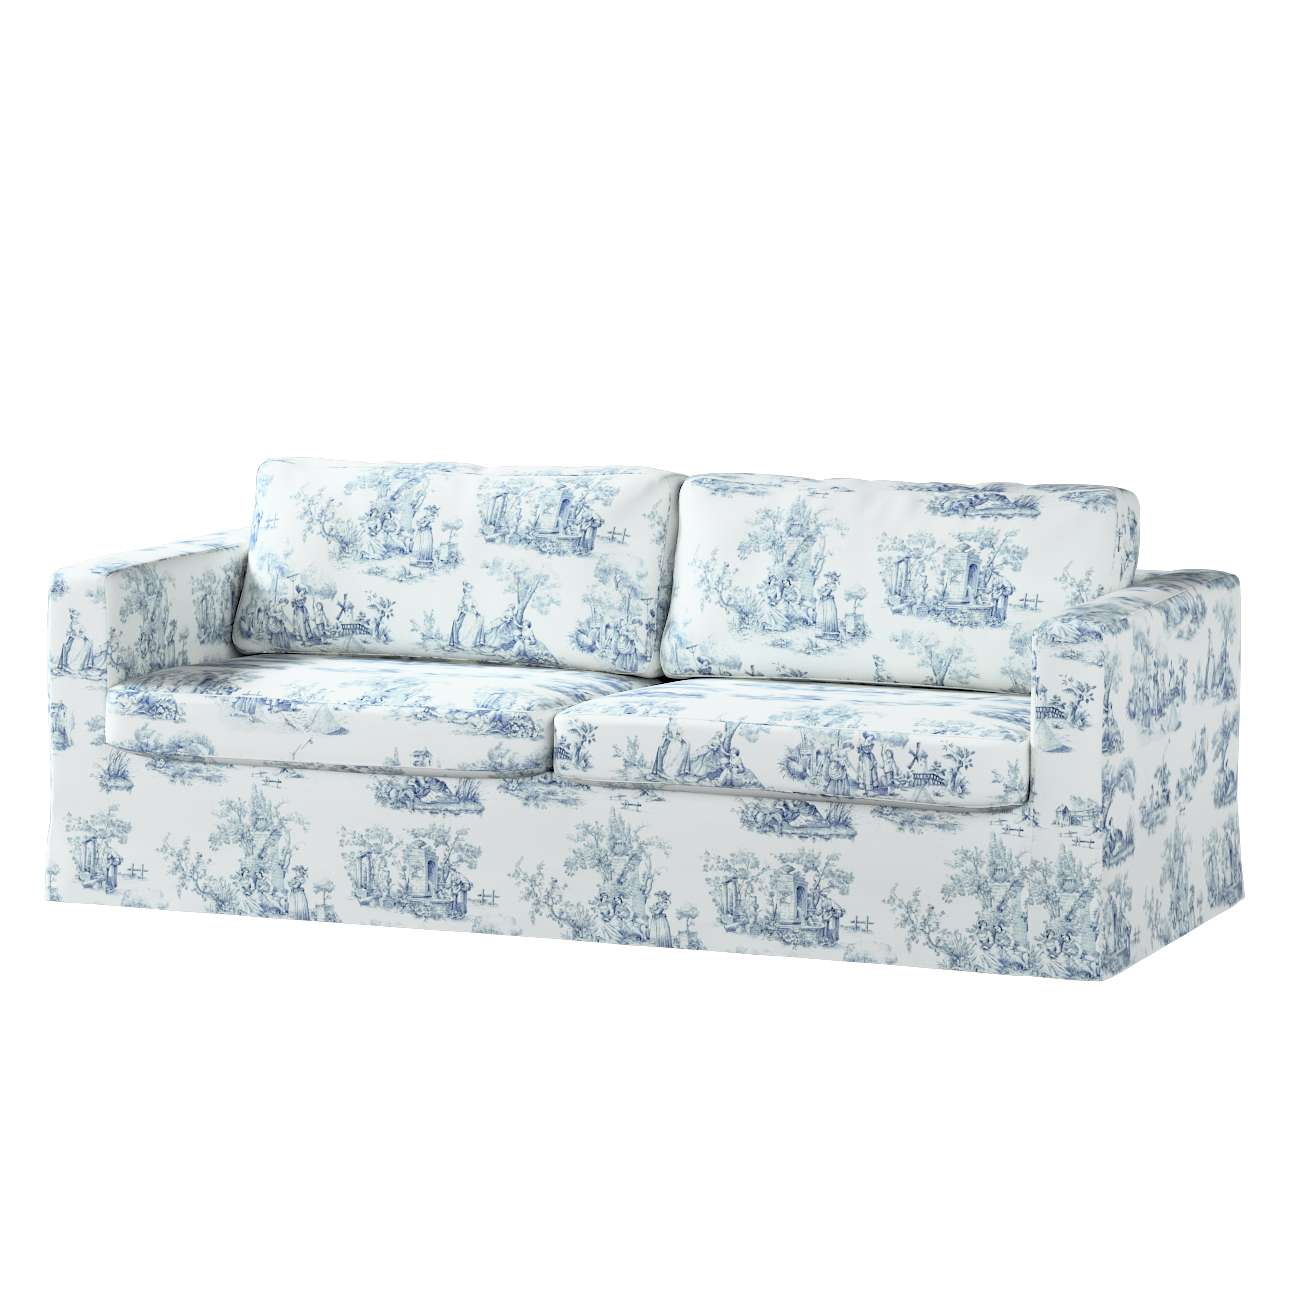 Karlstad trivietės sofos užvalkalas (ilgas, iki žemės) Karlstad trivietės sofos užvalkalas (ilgas, iki žemės) kolekcijoje Avinon, audinys: 132-66